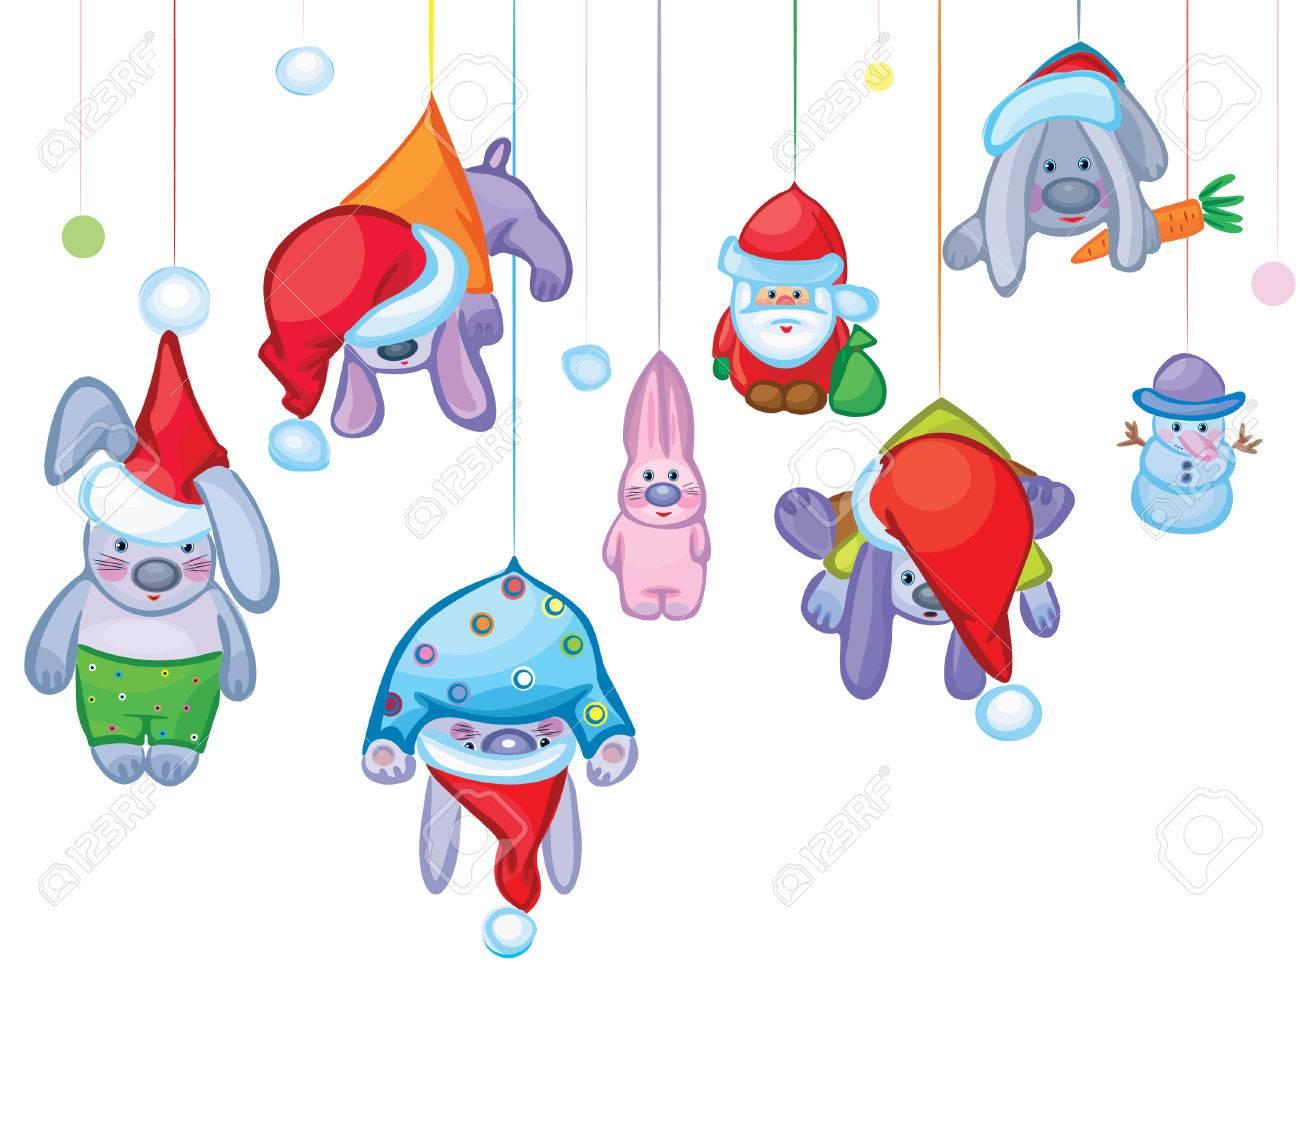 Tarjeta de Navidad de conejos de Lindos se bloquea, Santa y muñeco de nieve  Foto de archivo - 7612920